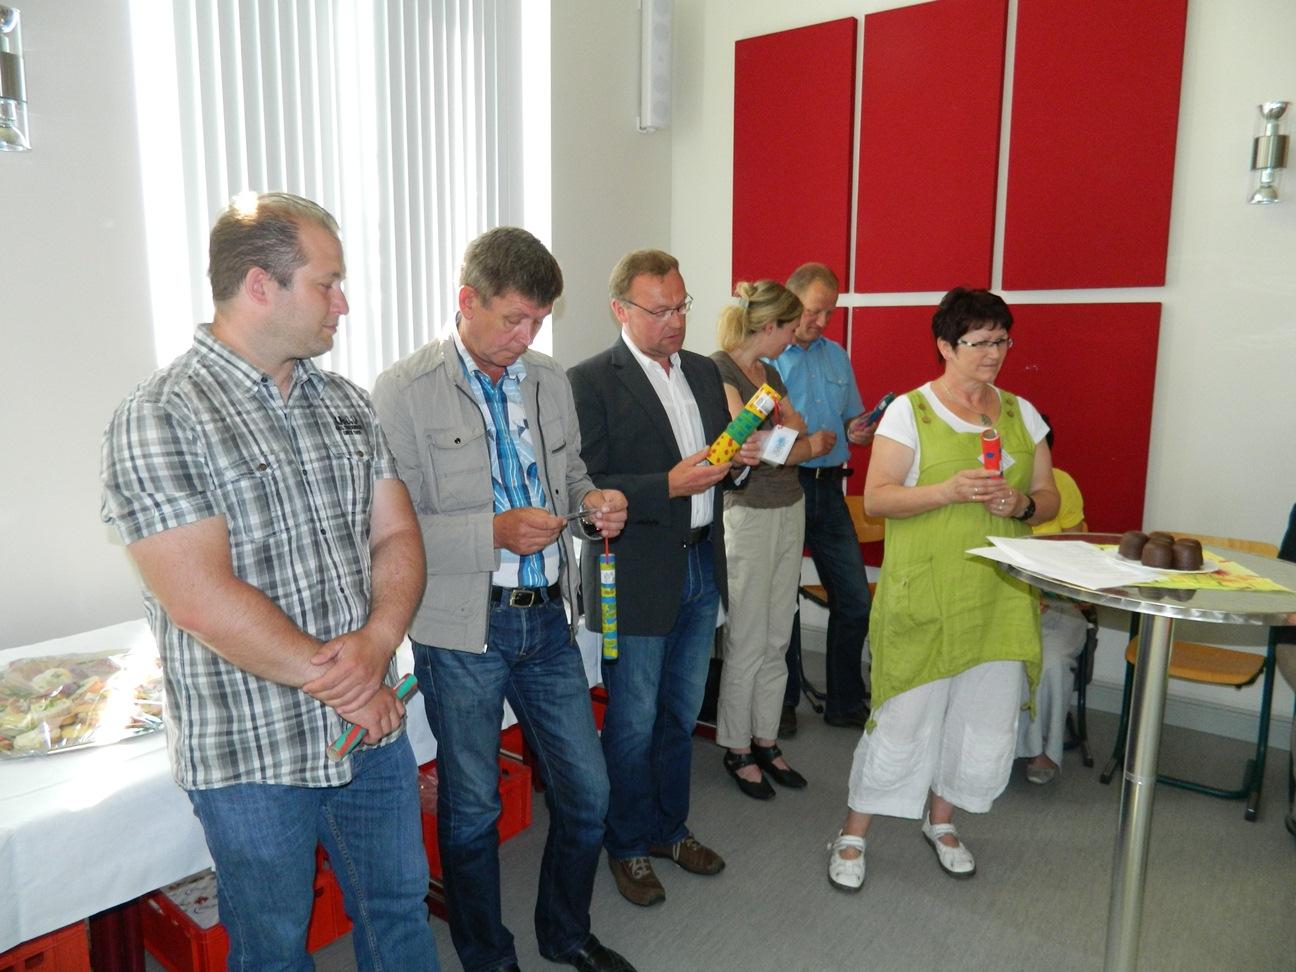 Auch Stadtvertretervorsteher Hans-Werner Heinke gehört zu den Gratulanten